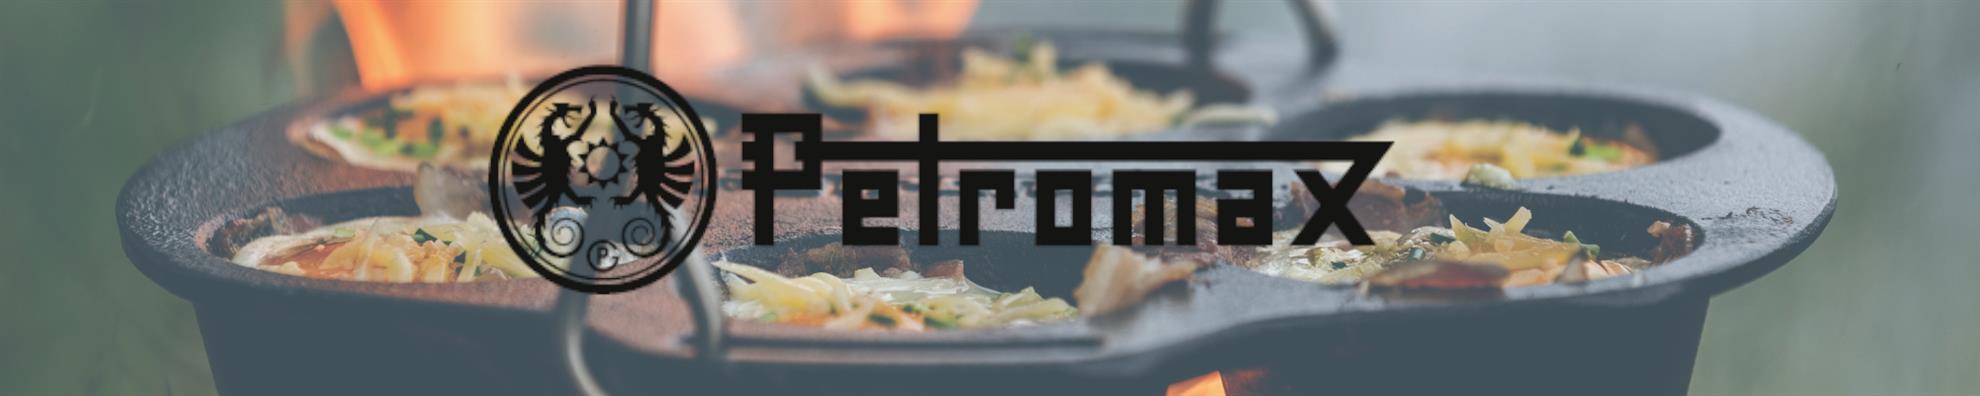 Petromax - Feuertopf ft6